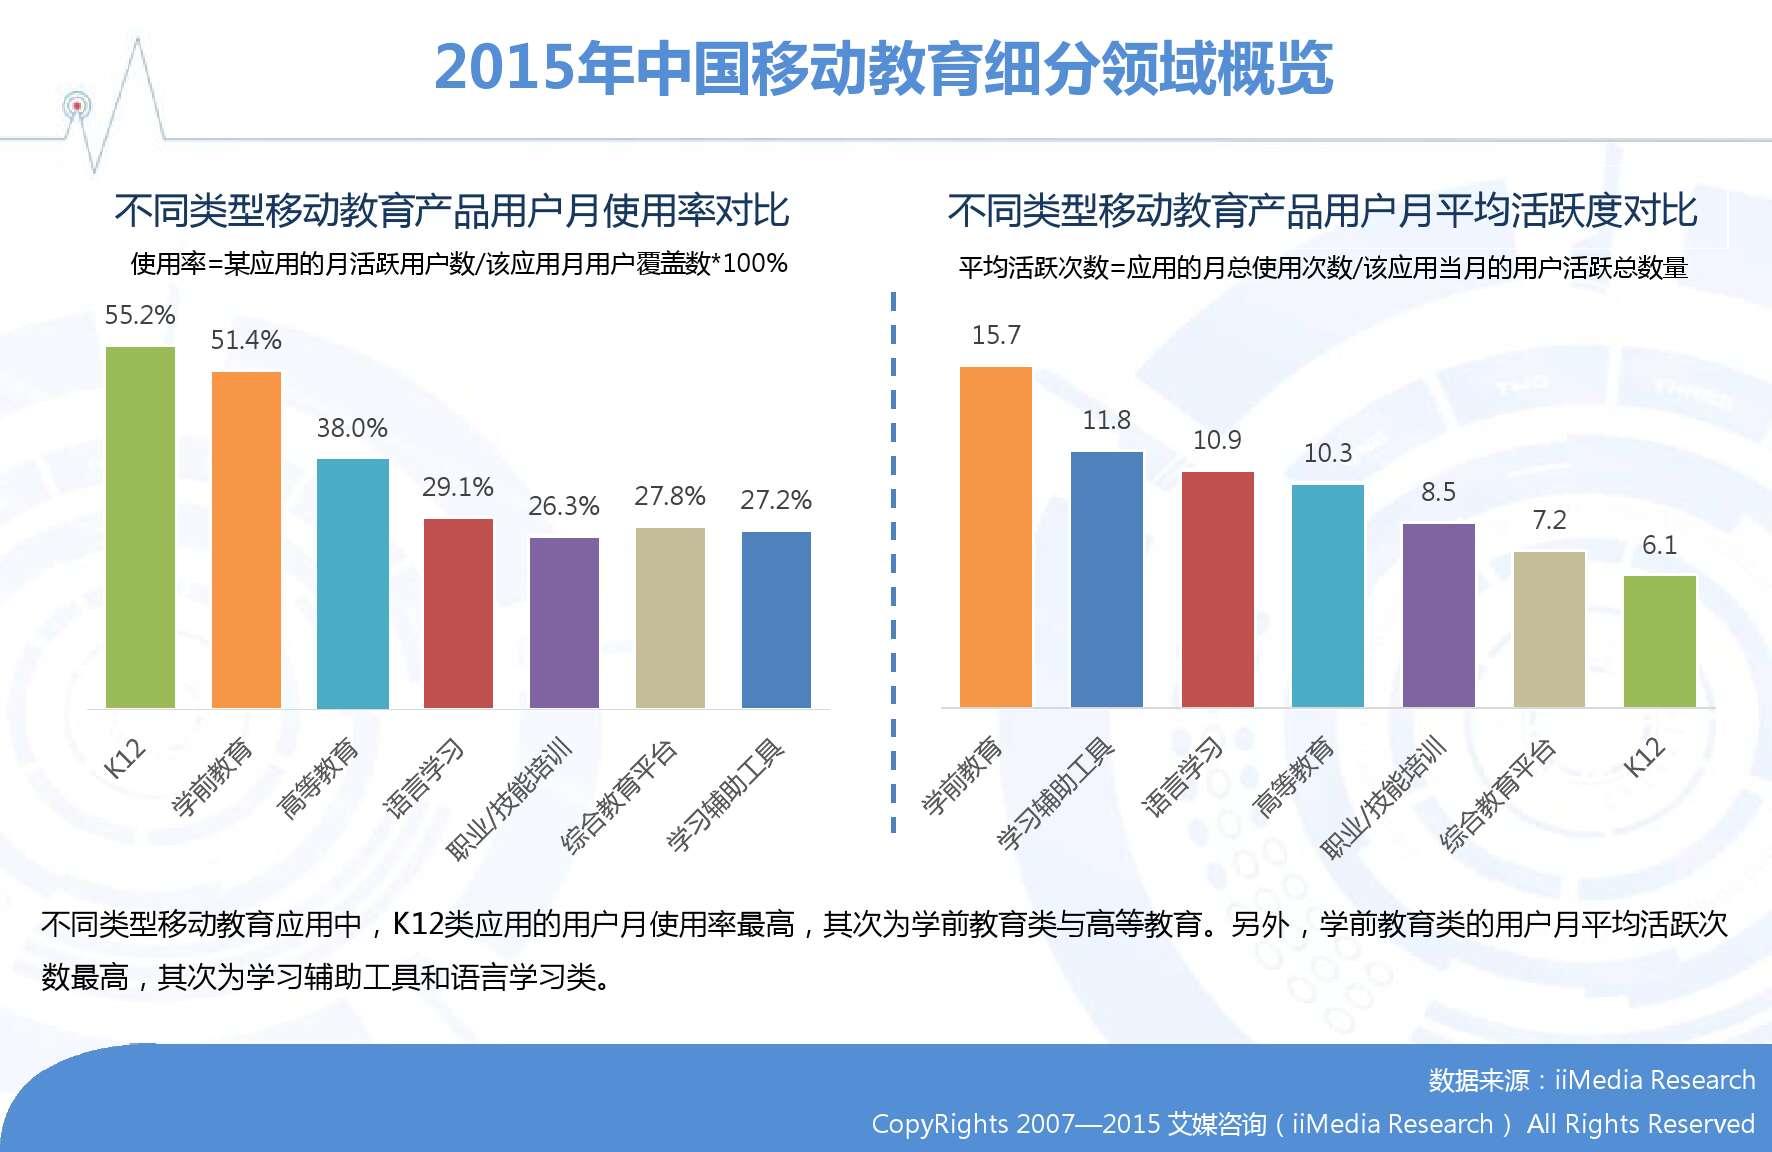 2015-2016年中国移动教育市场研究报告_000013